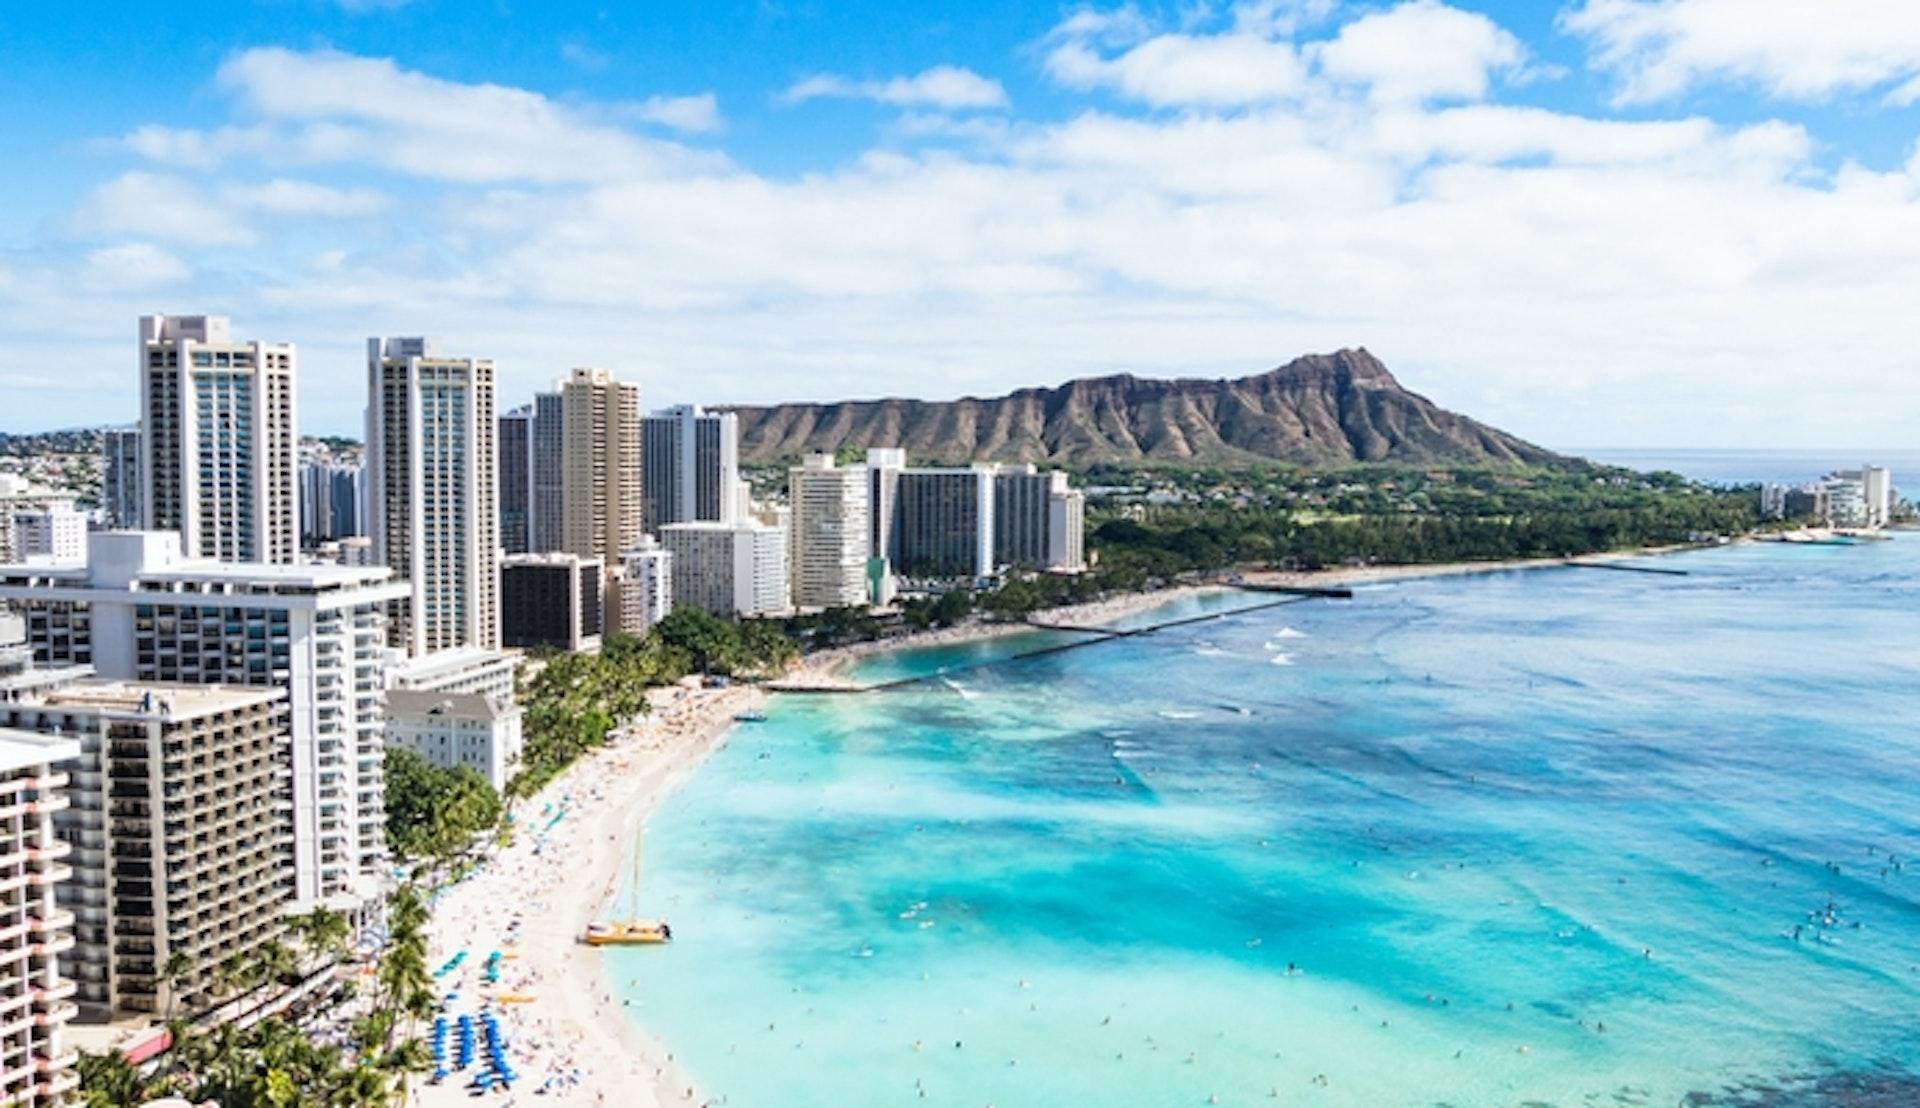 Kryssning till Hawaii med Carnival